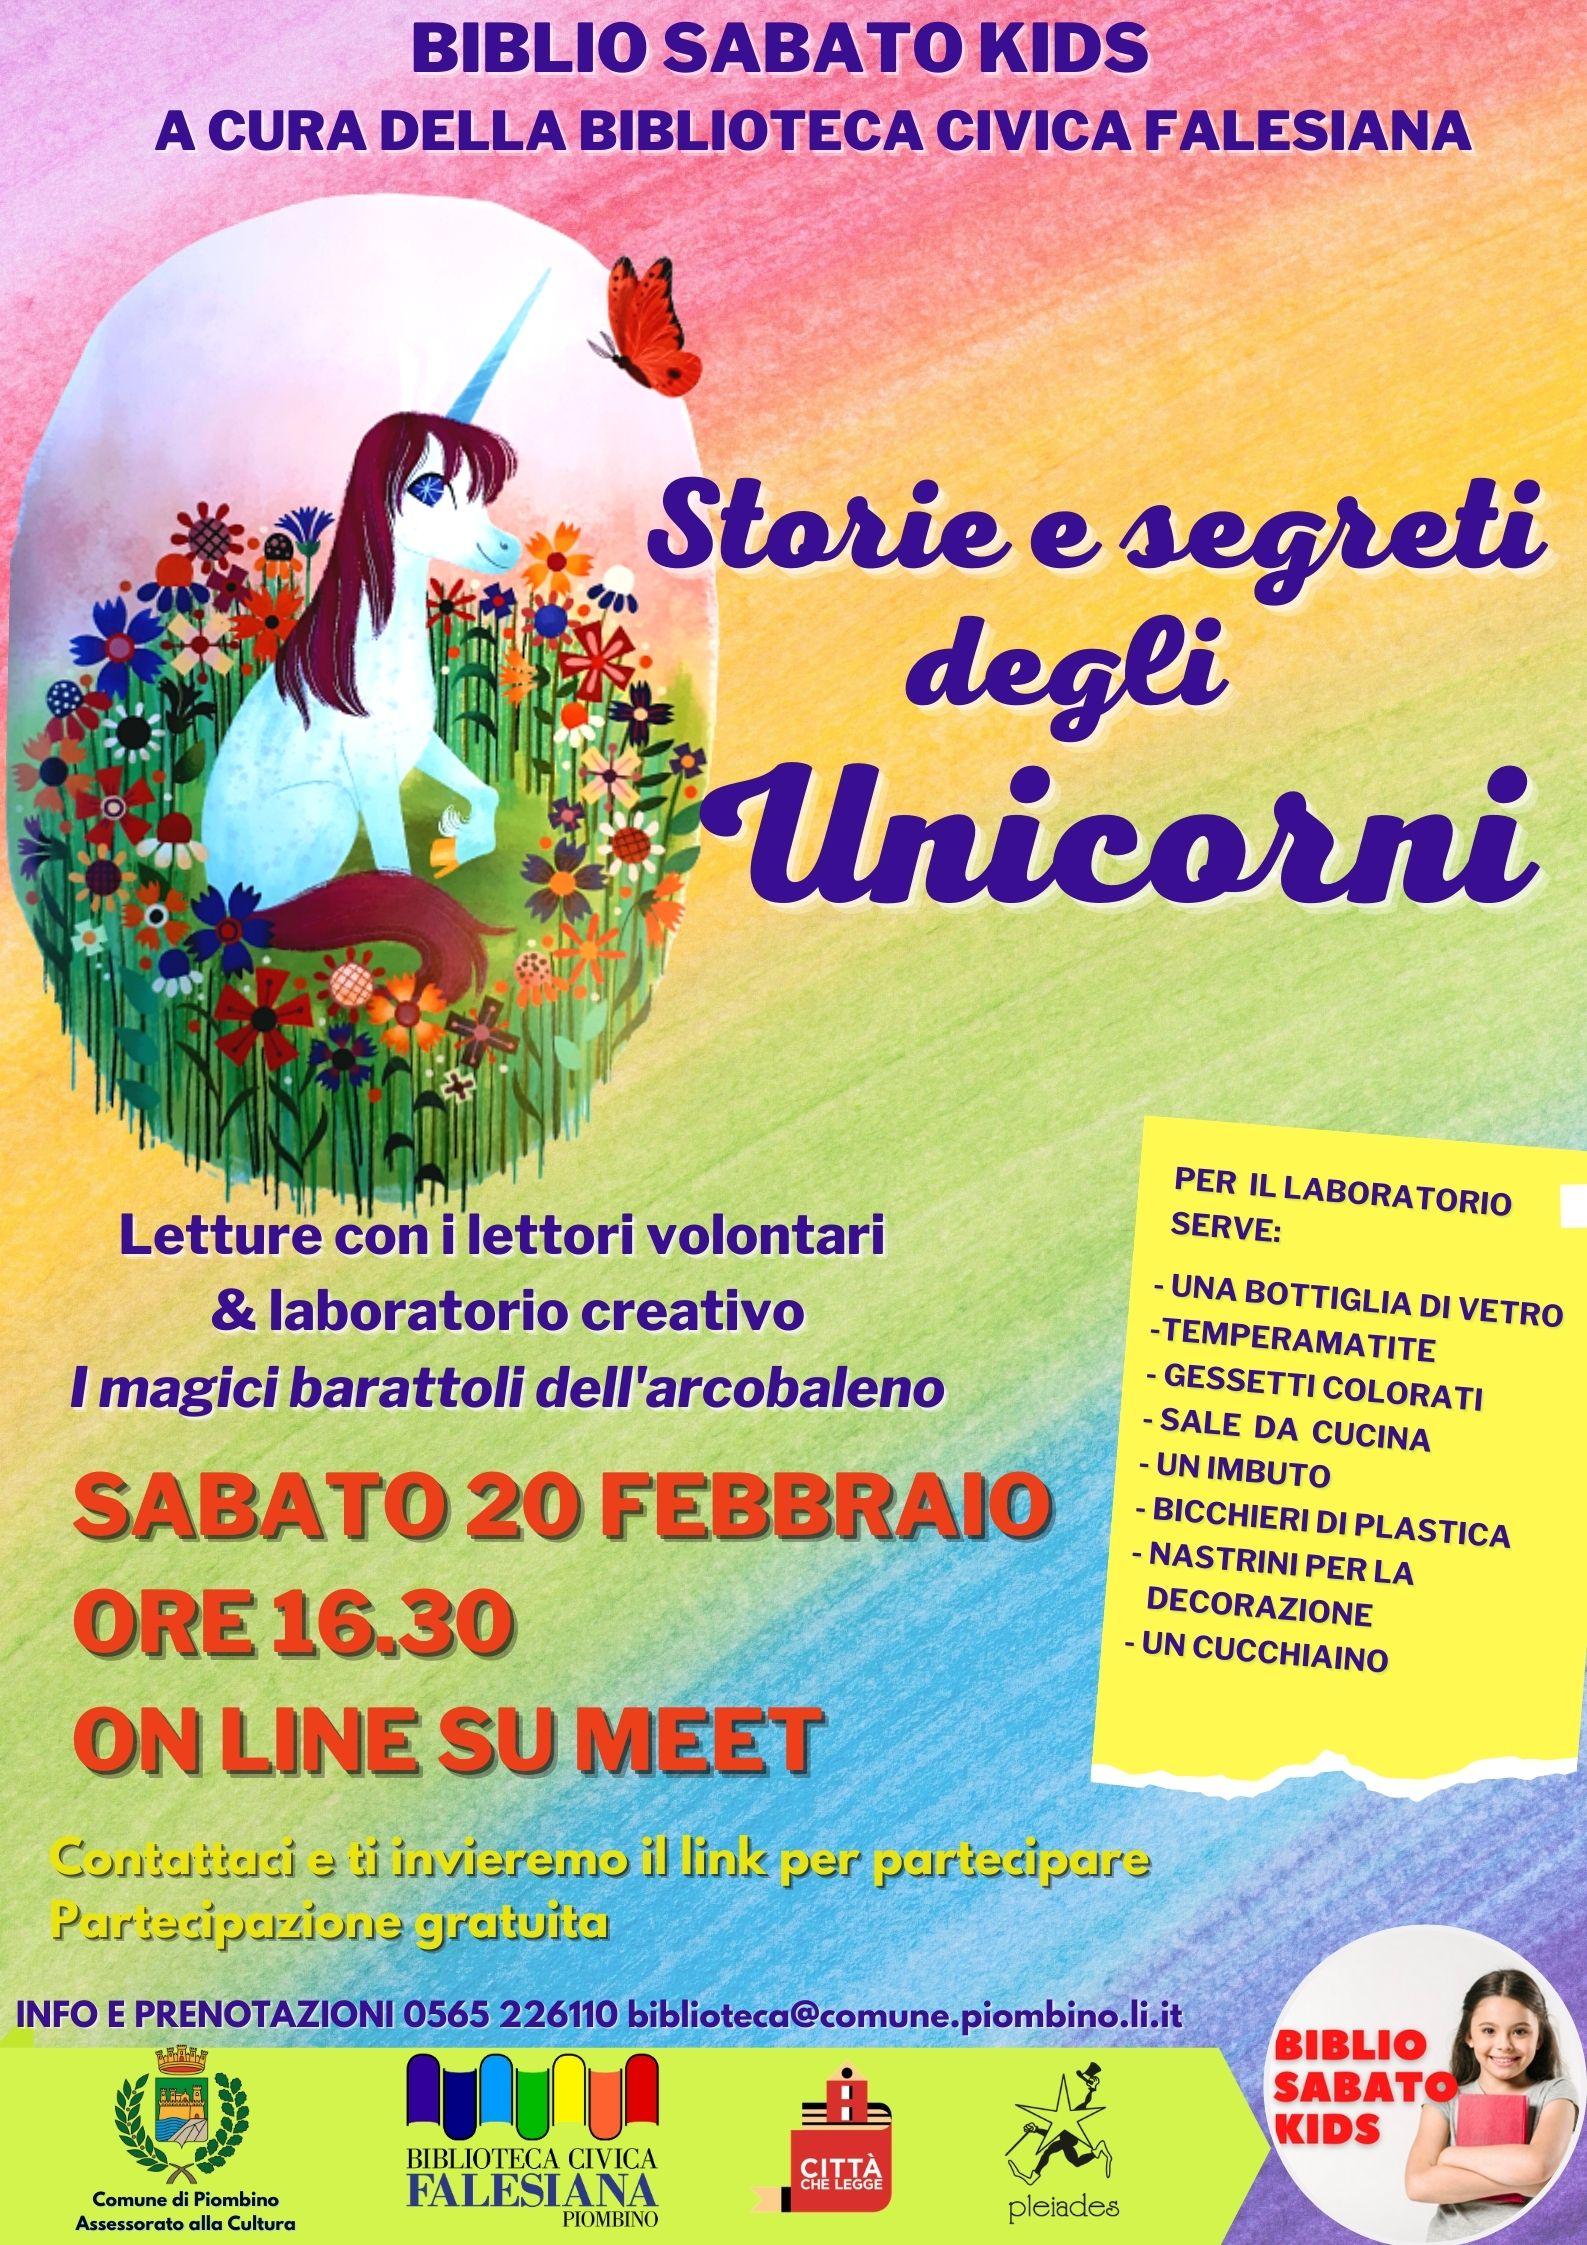 Biblio sabato kids, nuovo appuntamento dedicato agli unicorni